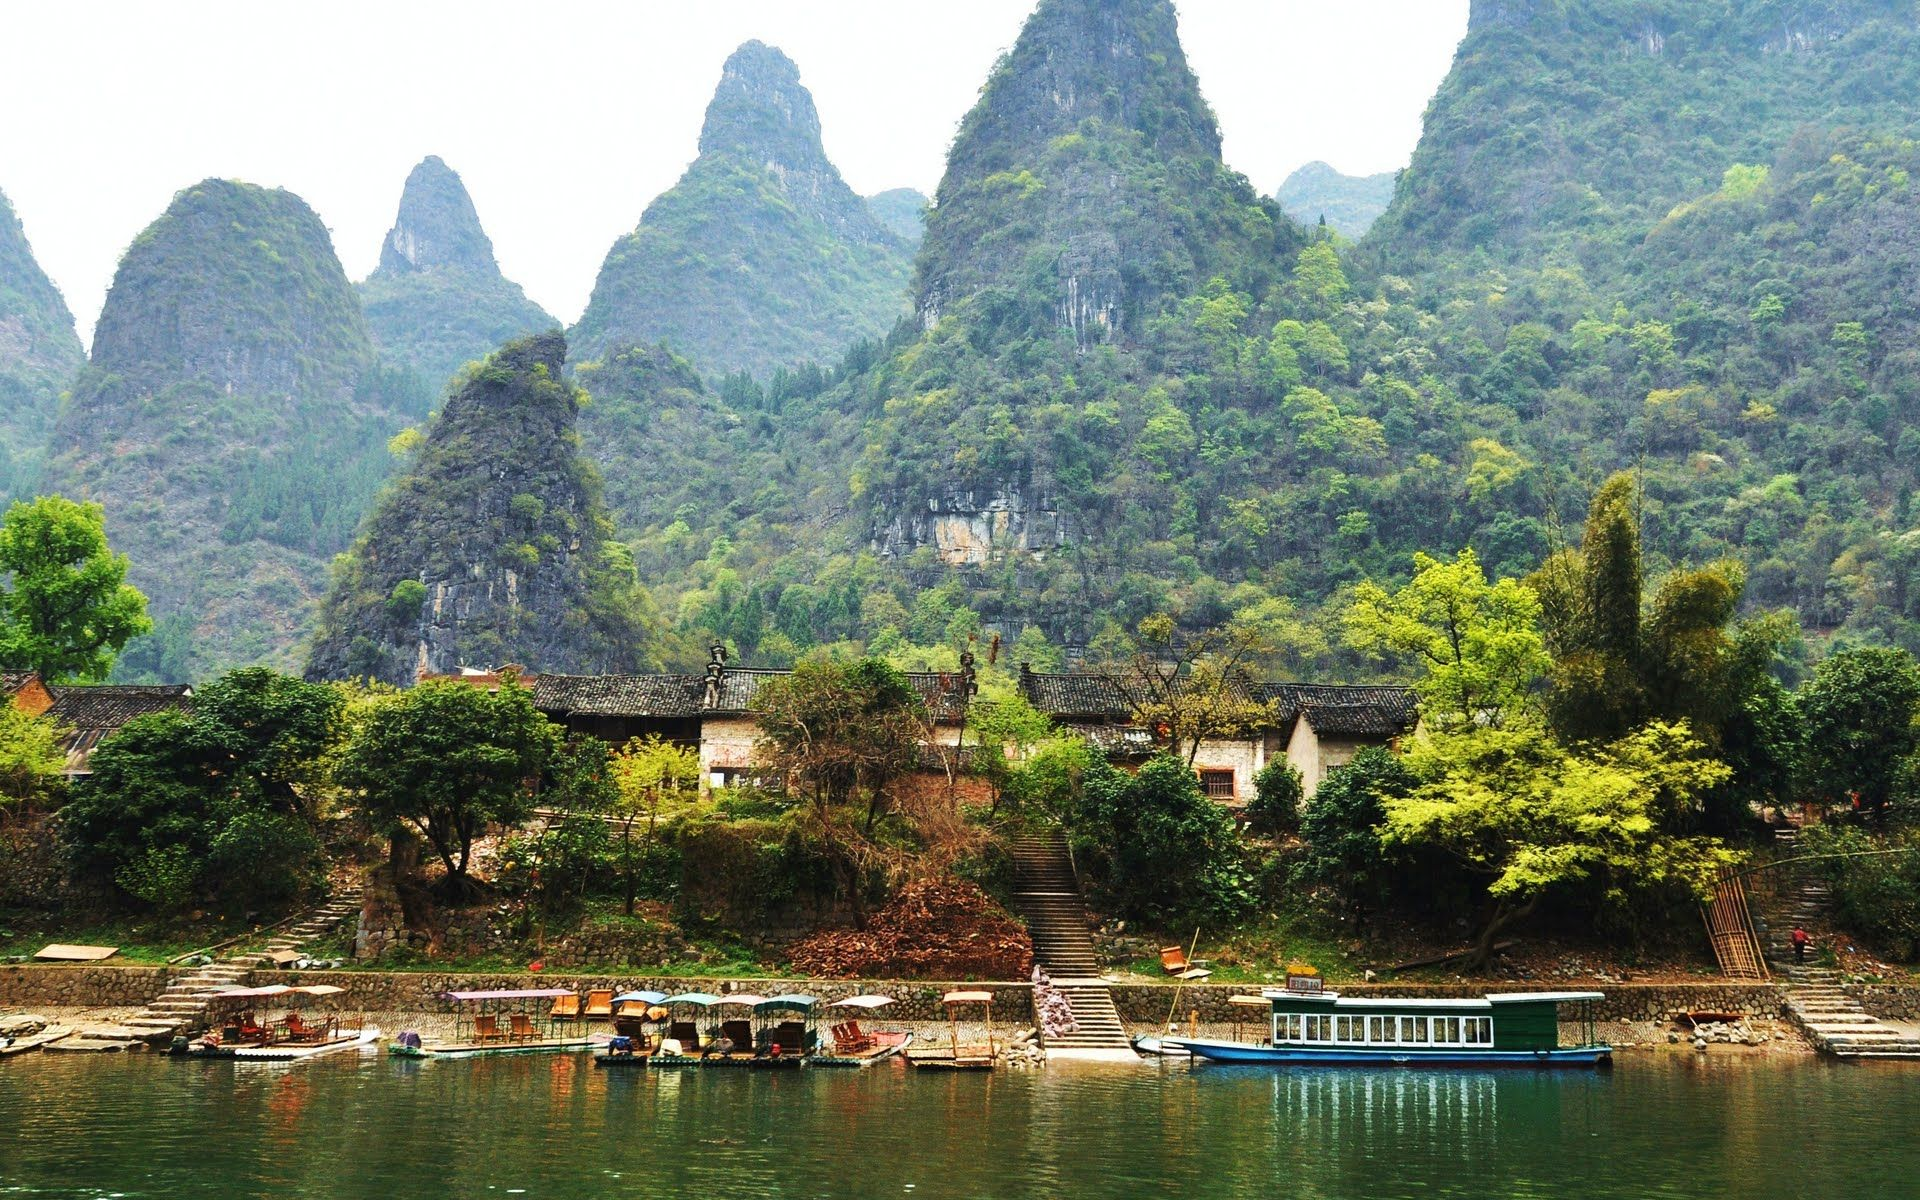 Beautiful Lijiang, The River, Guilin, Guangxi, China - HD